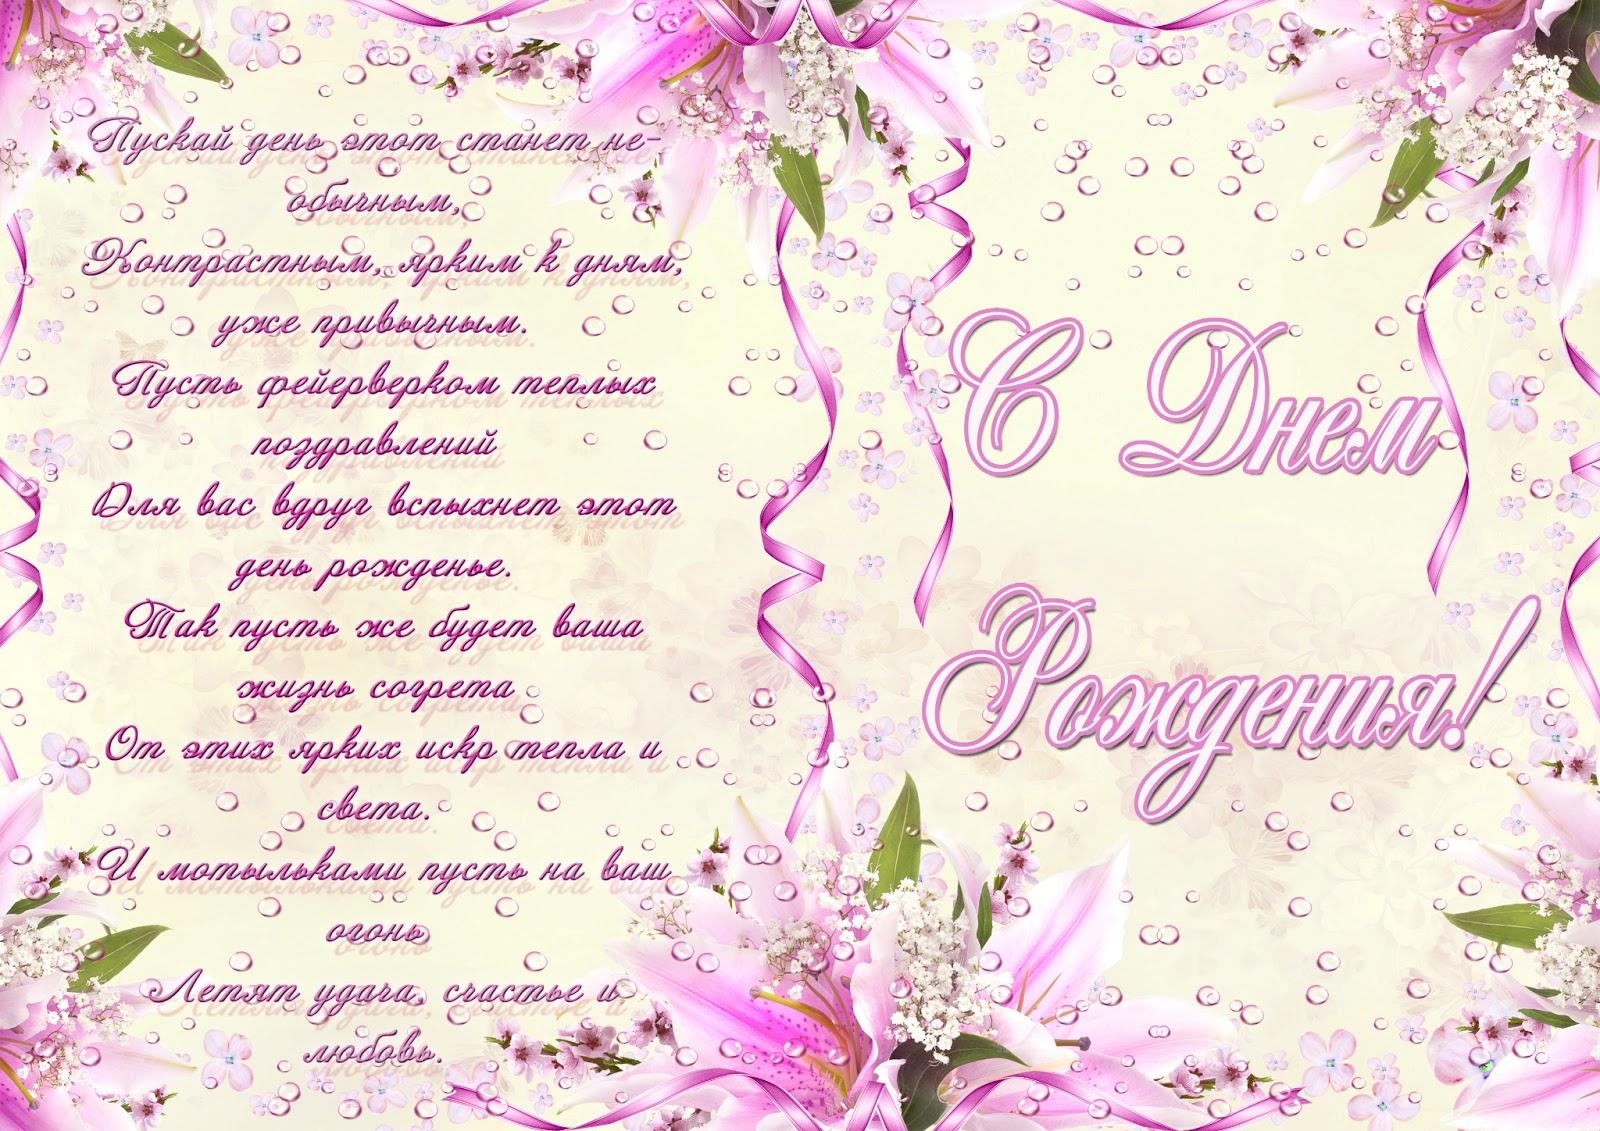 Поздравление молодоженам с днем свадьбы трогательное до слез молодоженам